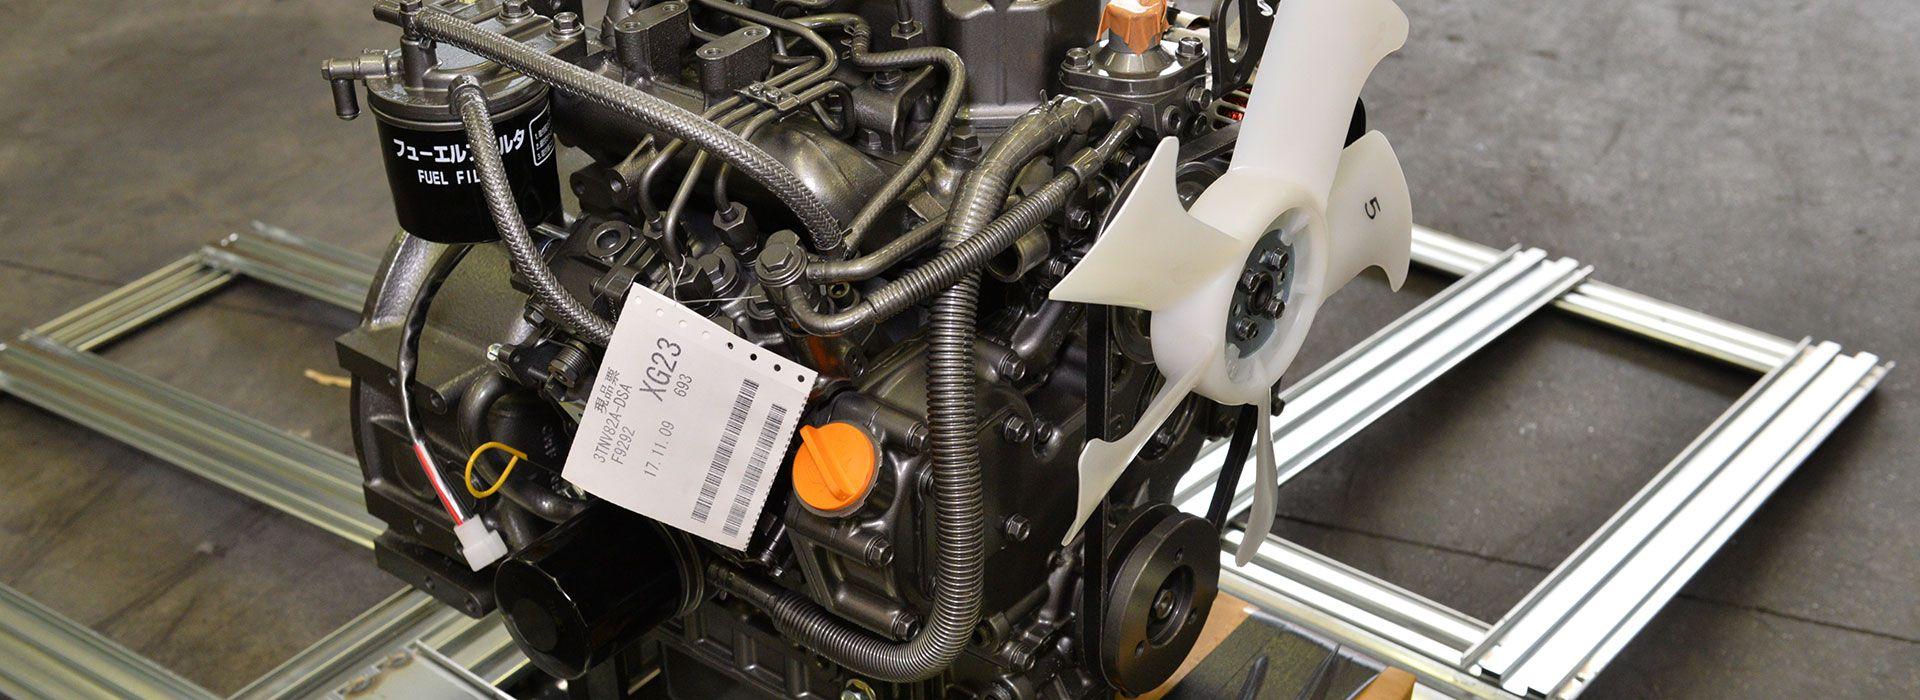 2M srl è fornitrice di motori yanmar diesel, tra i migliori sul mercato come affidabilità, durata e prezzo.